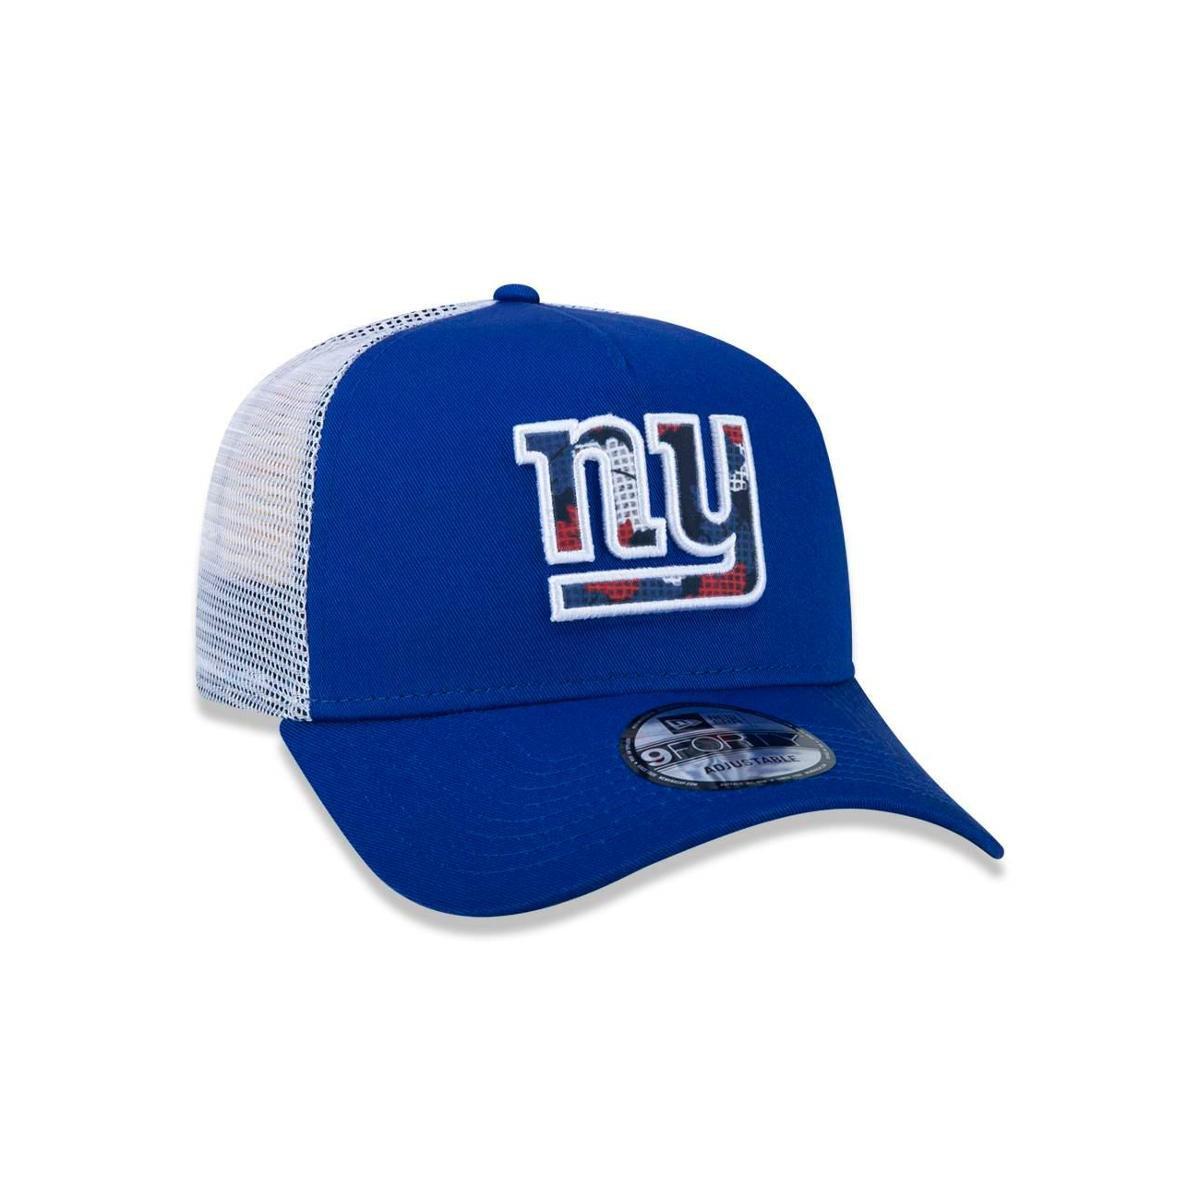 Bone 940 New York Giants NFL New Era - Azul Royal e Branco - Compre ... 7387af1adea